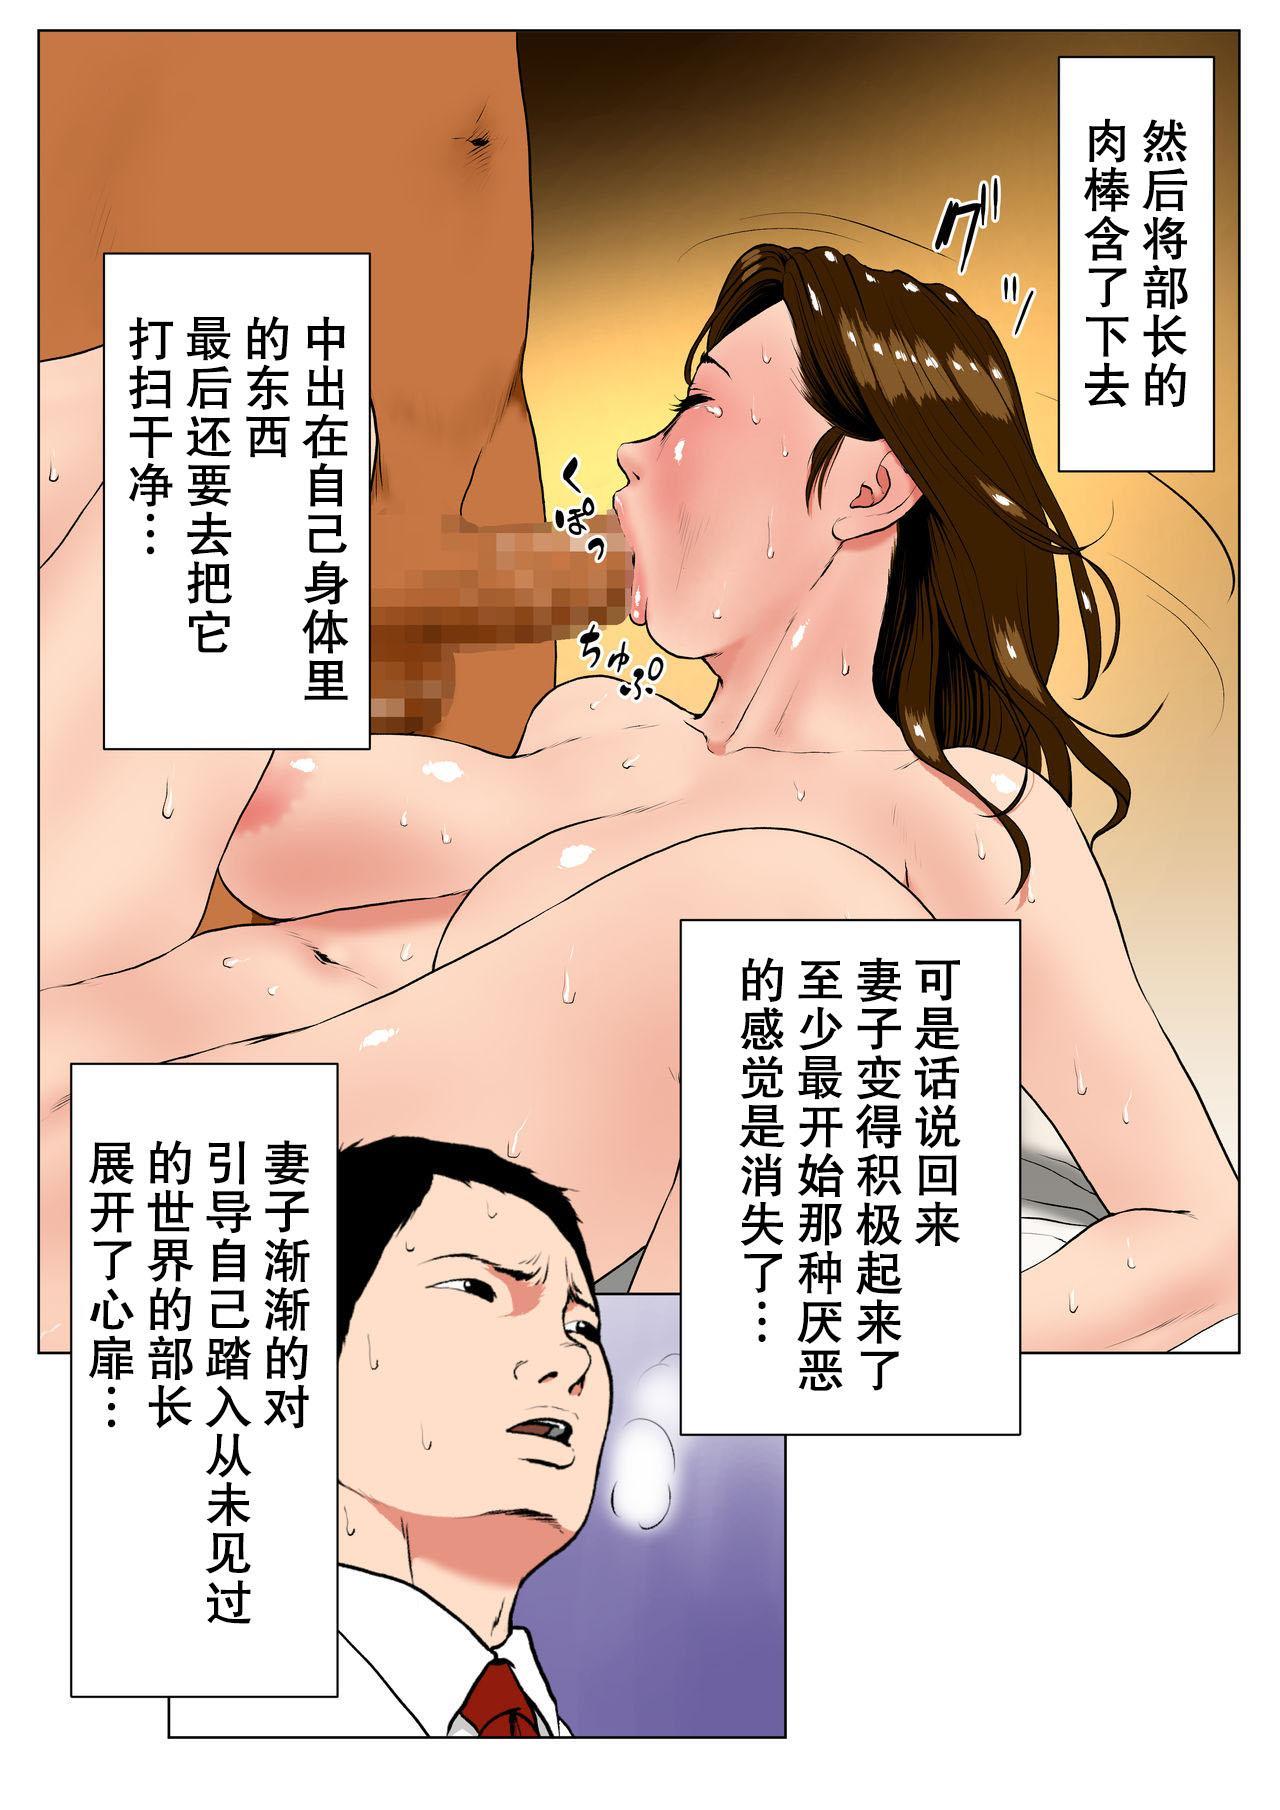 [W no Honnou] Shin, Boku no Tsuma to Kyokon no Moto AV Danyuu Buchou[Chinese]【不可视汉化】 61